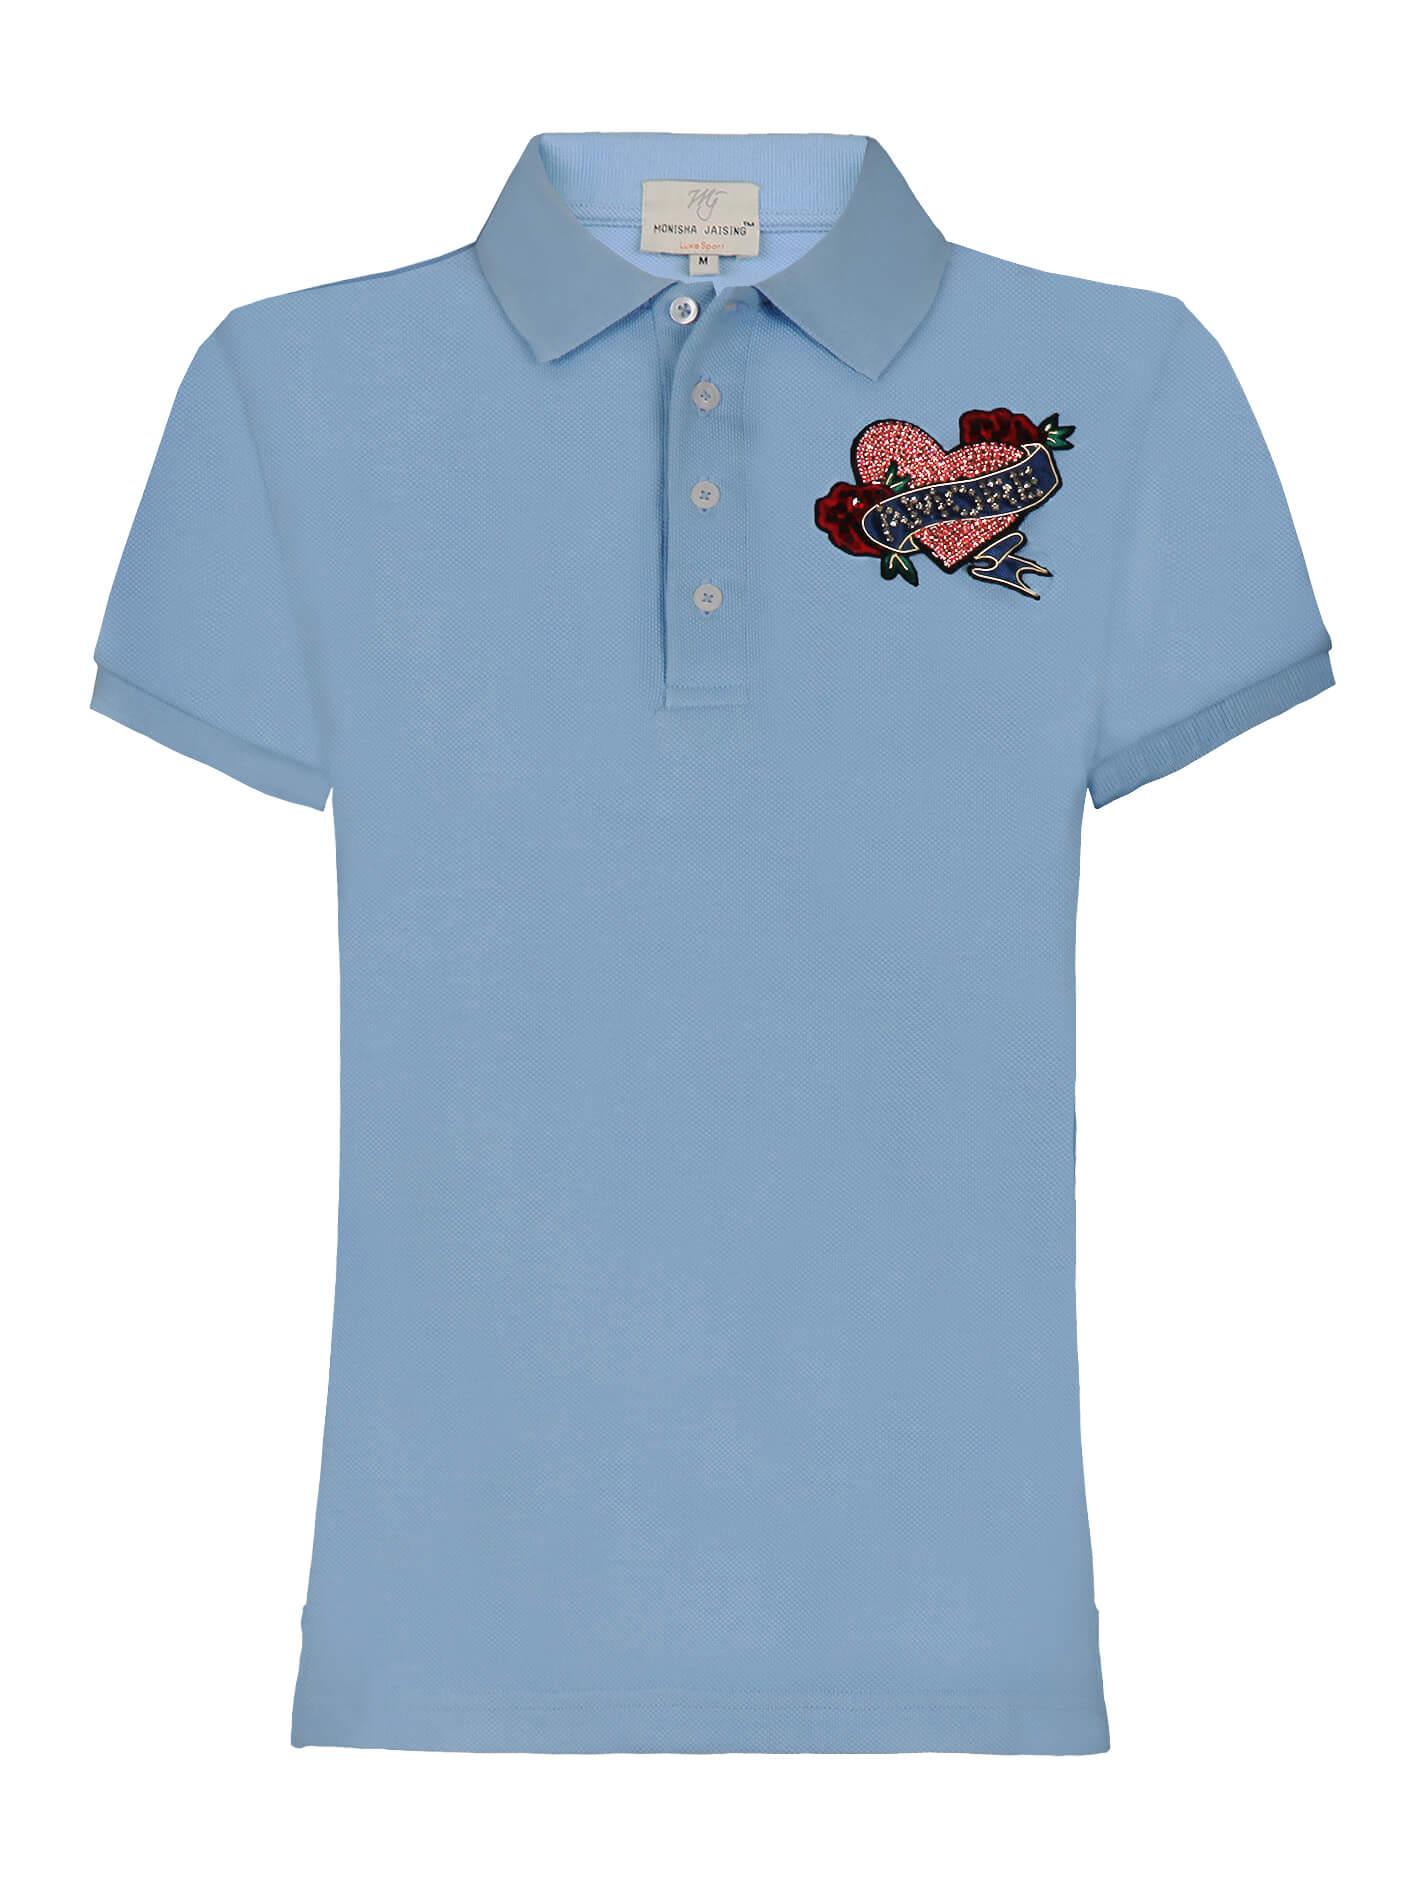 powder blue amore tshirt.jpg